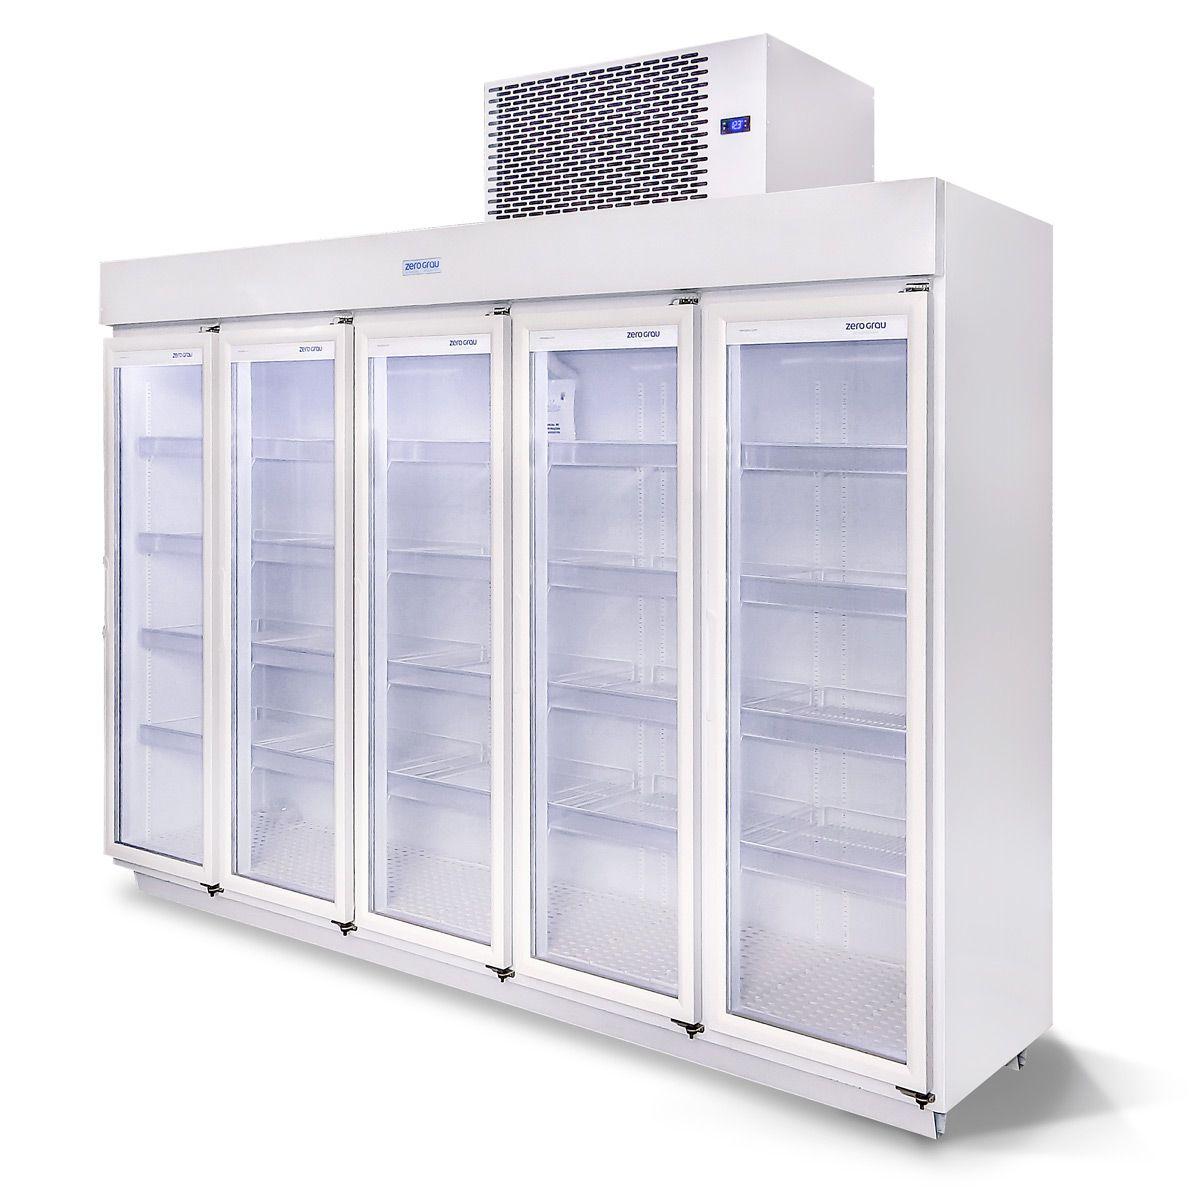 Expositor 2700 Litros 5 Portas para Resfriados Até -7 Graus